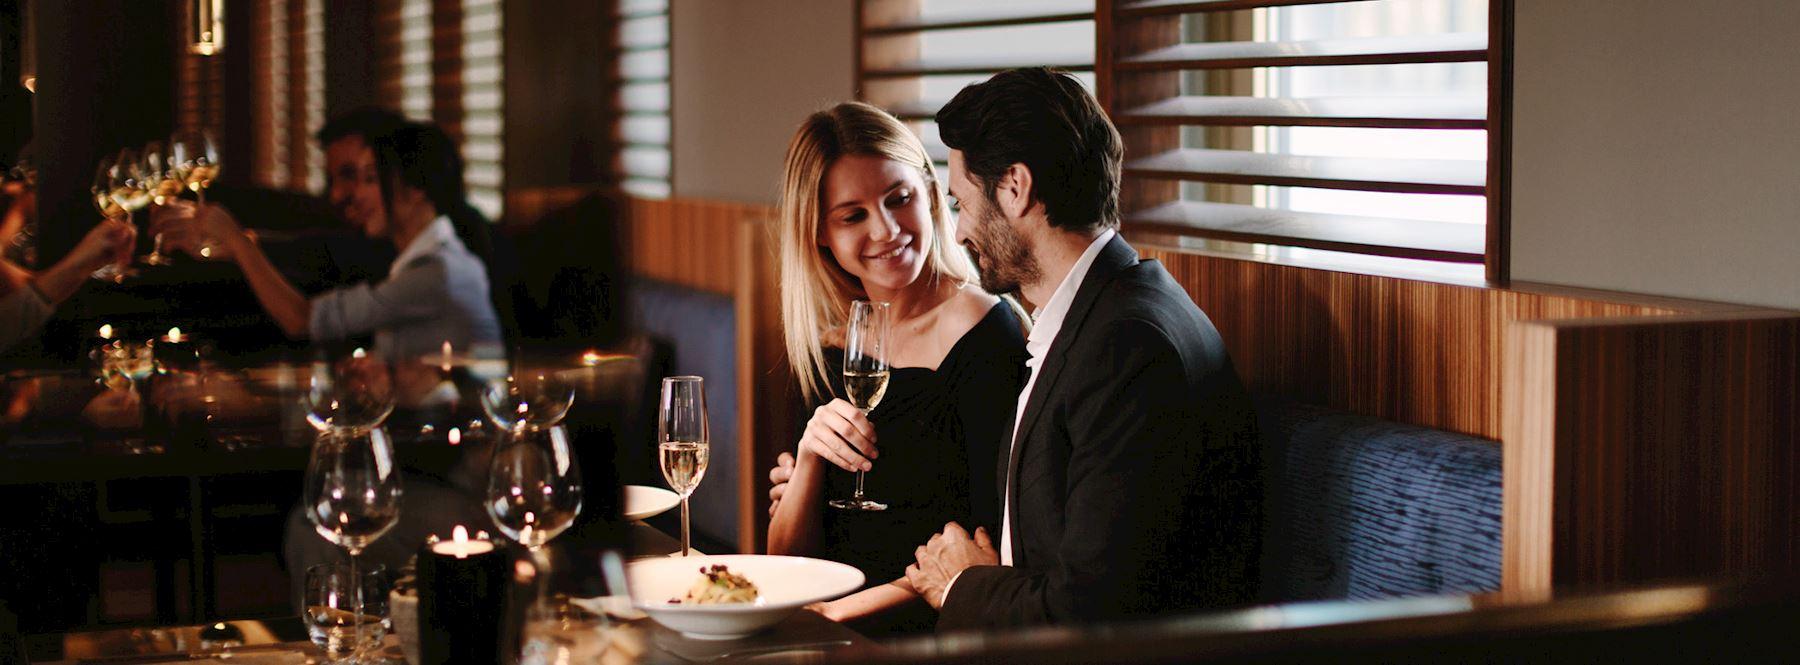 PanEVO dining couple